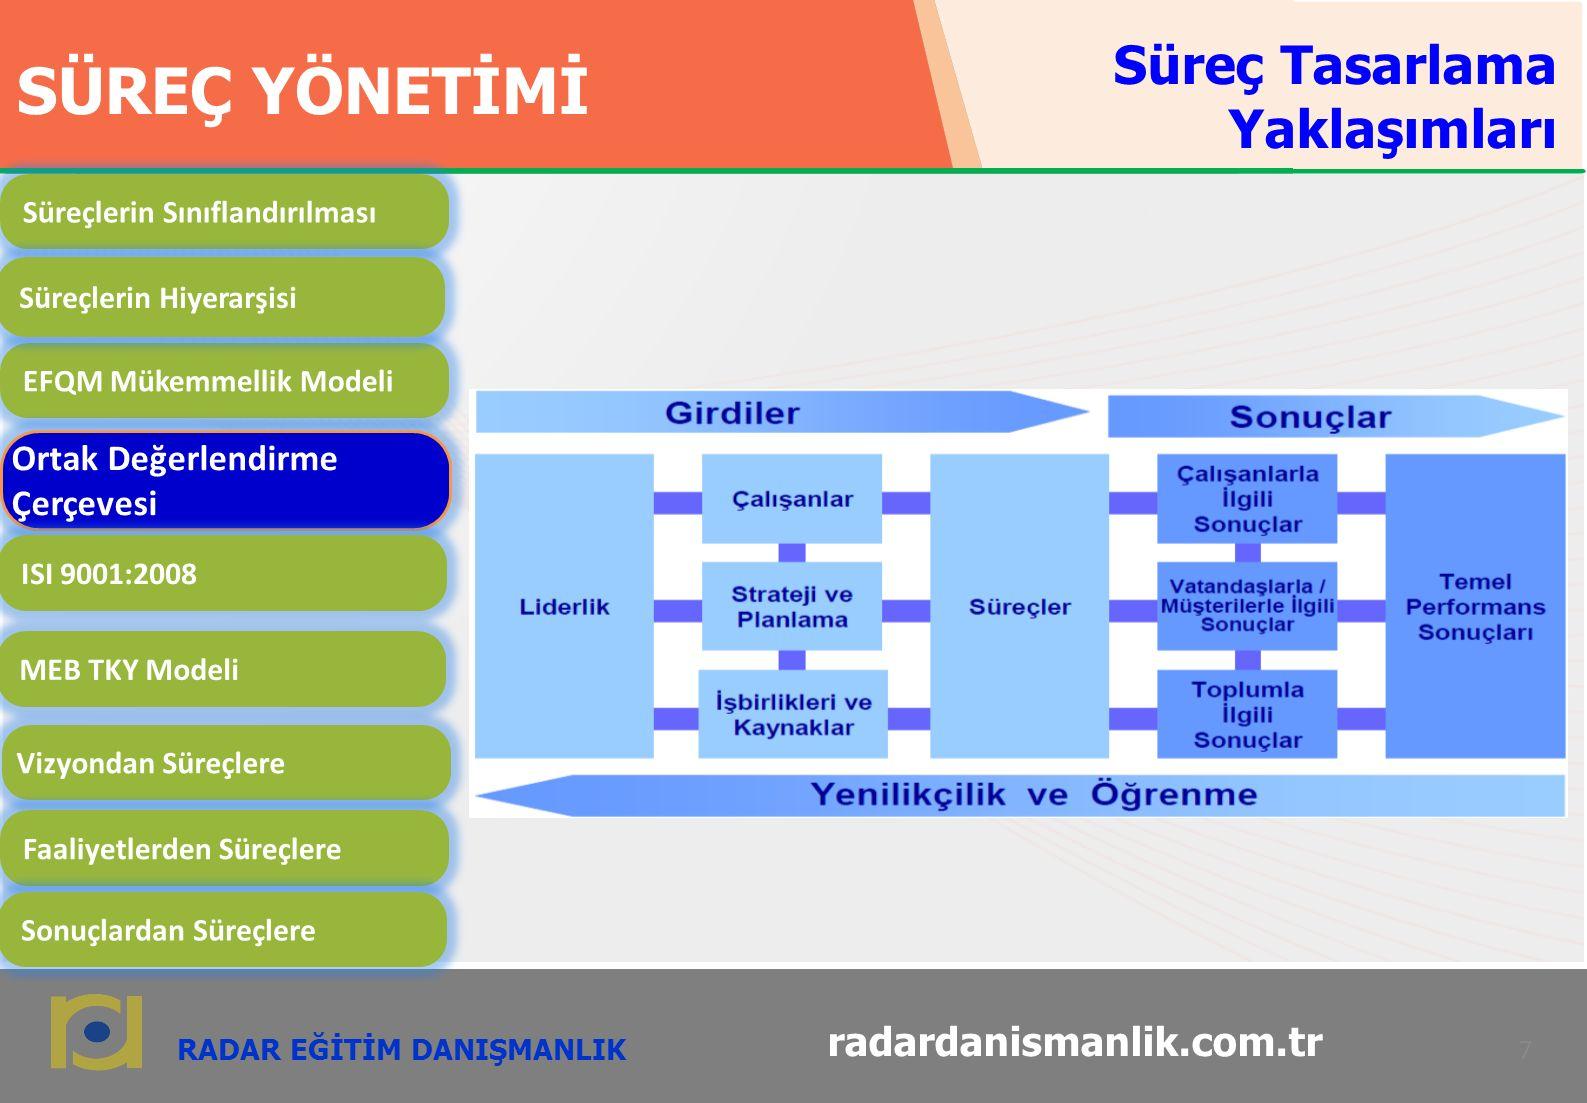 RADAR EĞİTİM DANIŞMANLIK 7 radardanismanlik.com.tr SÜREÇ YÖNETİMİ EFQM Mükemmellik Modeli Ortak Değerlendirme Çerçevesi ISI 9001:2008 MEB TKY Modeli Vizyondan Süreçlere Faaliyetlerden Süreçlere Sonuçlardan Süreçlere Süreçlerin Sınıflandırılması Süreçlerin Hiyerarşisi Süreç Tasarlama Yaklaşımları